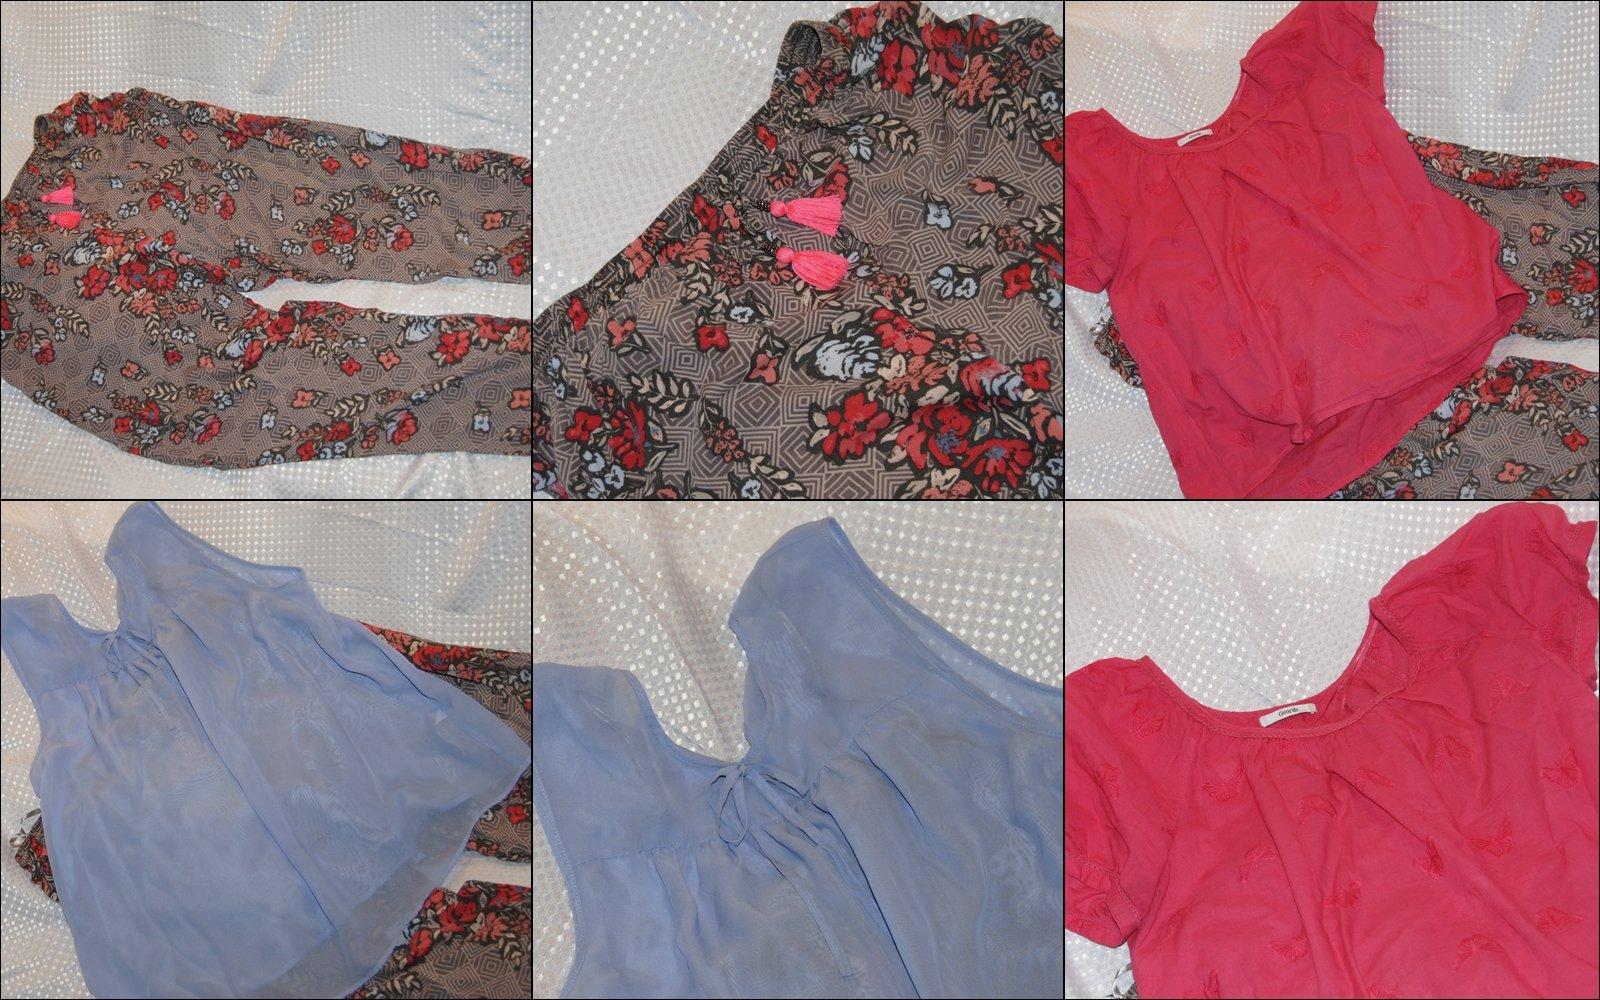 82aca37c91 modne ubrania damskie 44-46 i nowe - 7351327202 - oficjalne archiwum ...